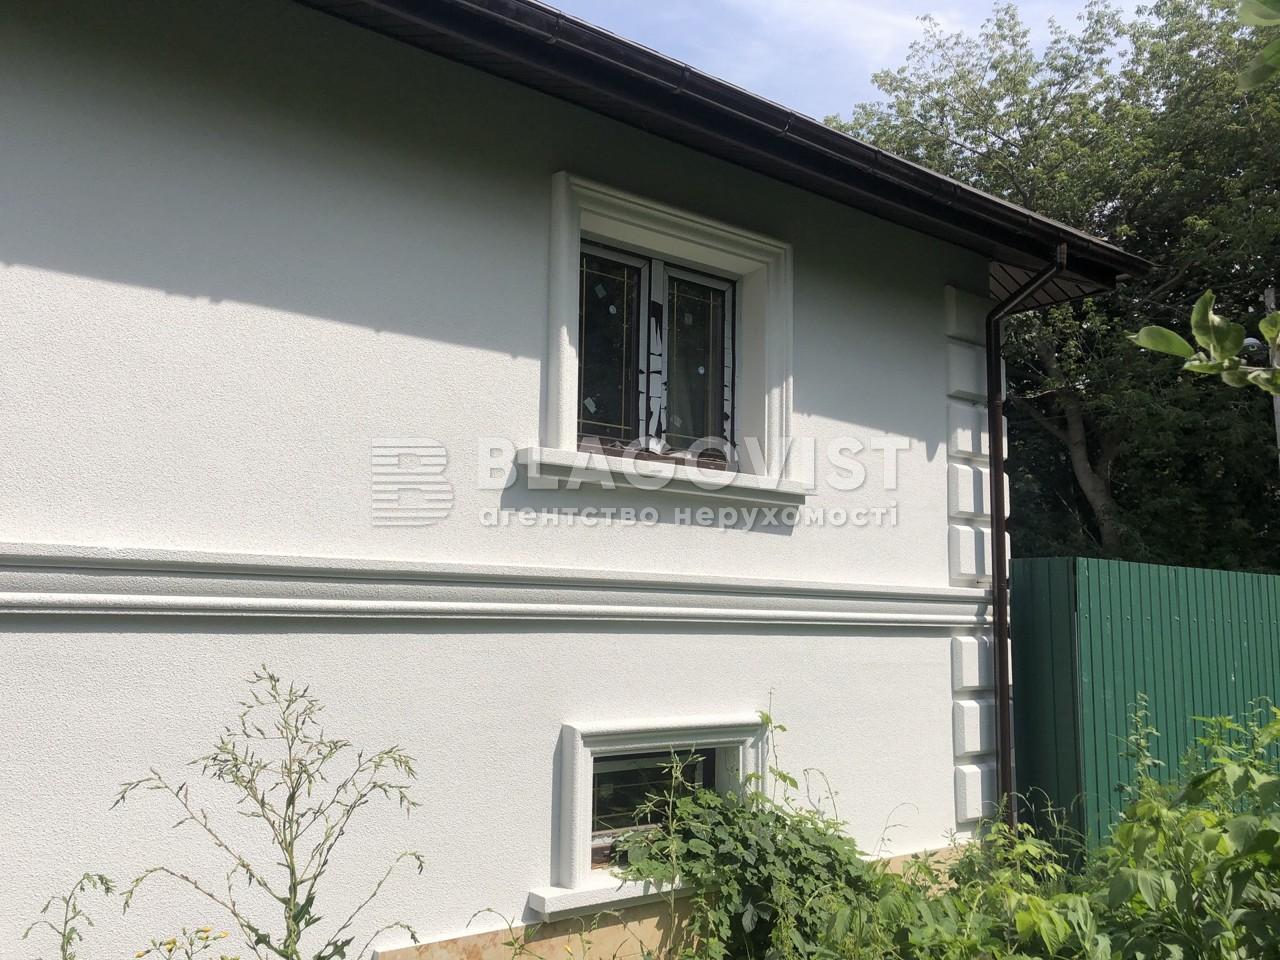 Дом C-107448, Кондукторская, Киев - Фото 2